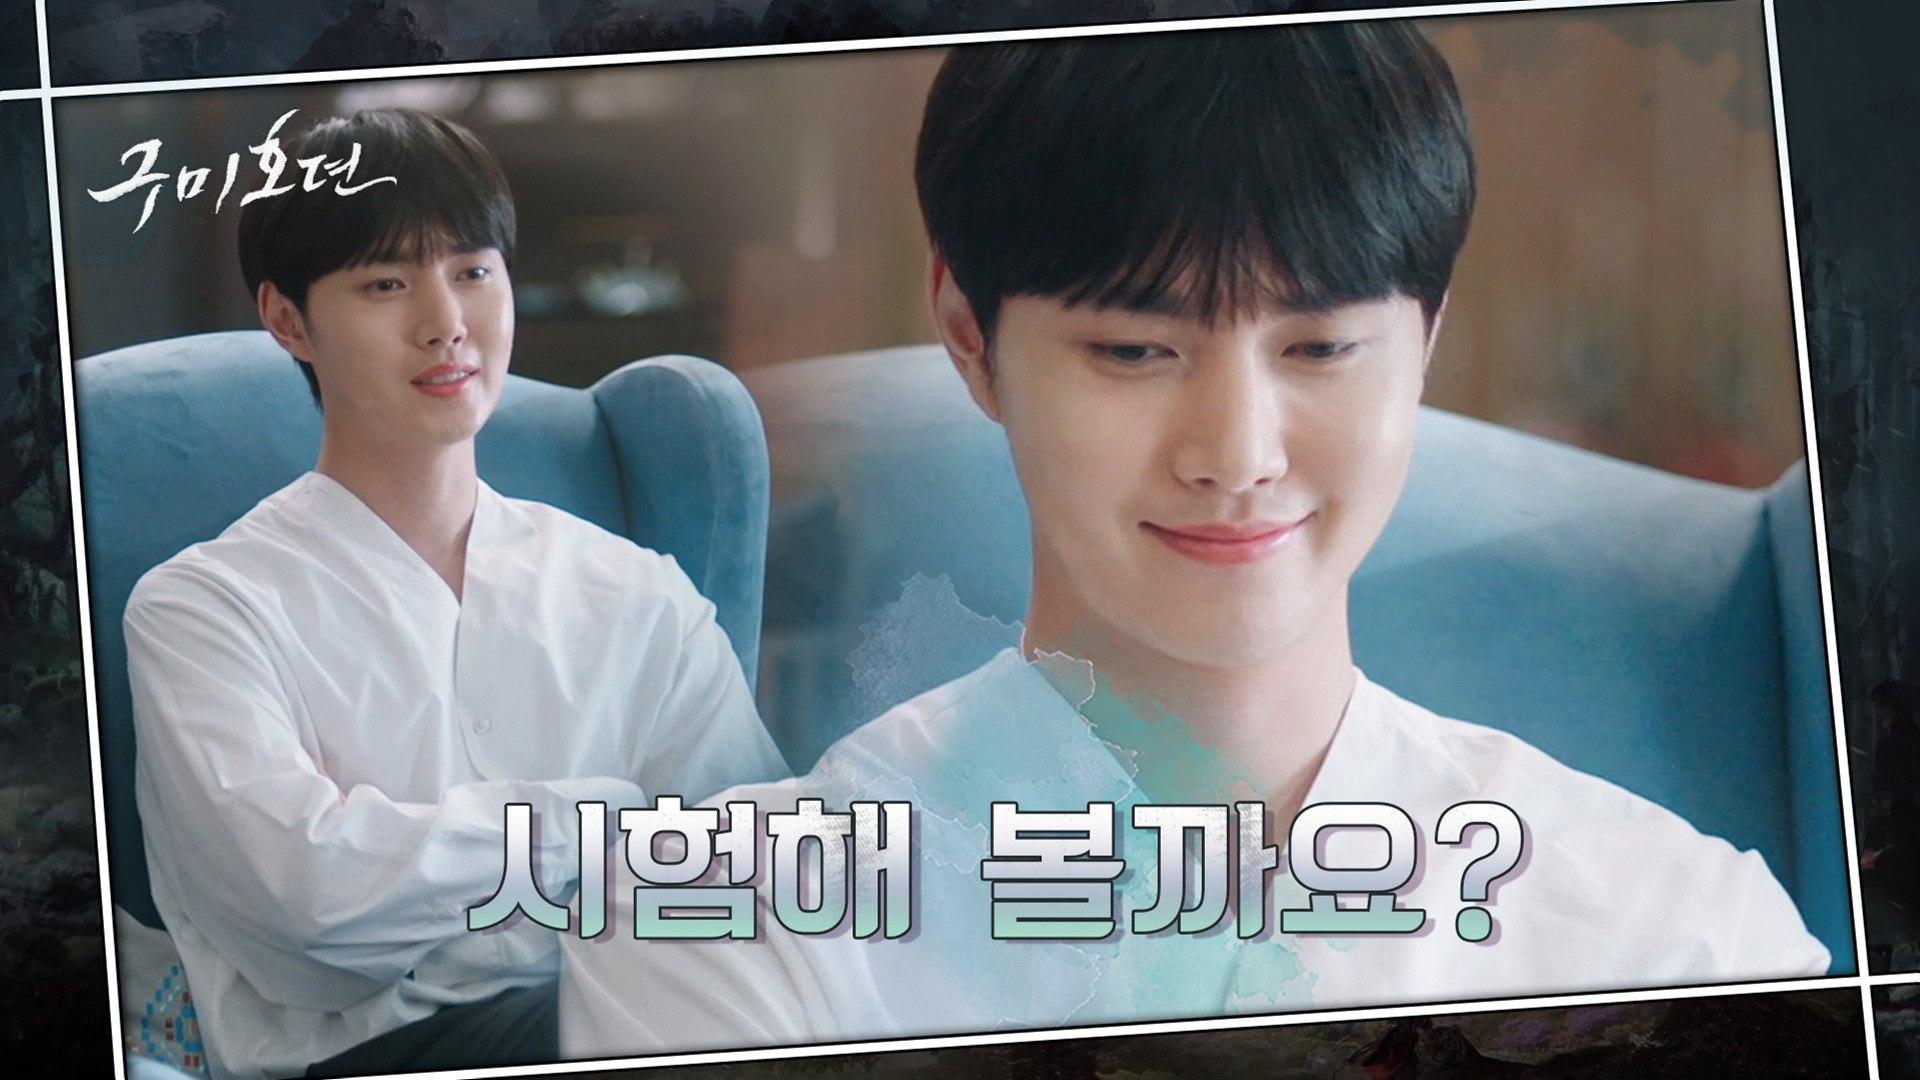 이태리가 구미호 형제 이동욱-김범을 시험하기 위해 부른 ′손님′?! - 동영상 Dailymotion